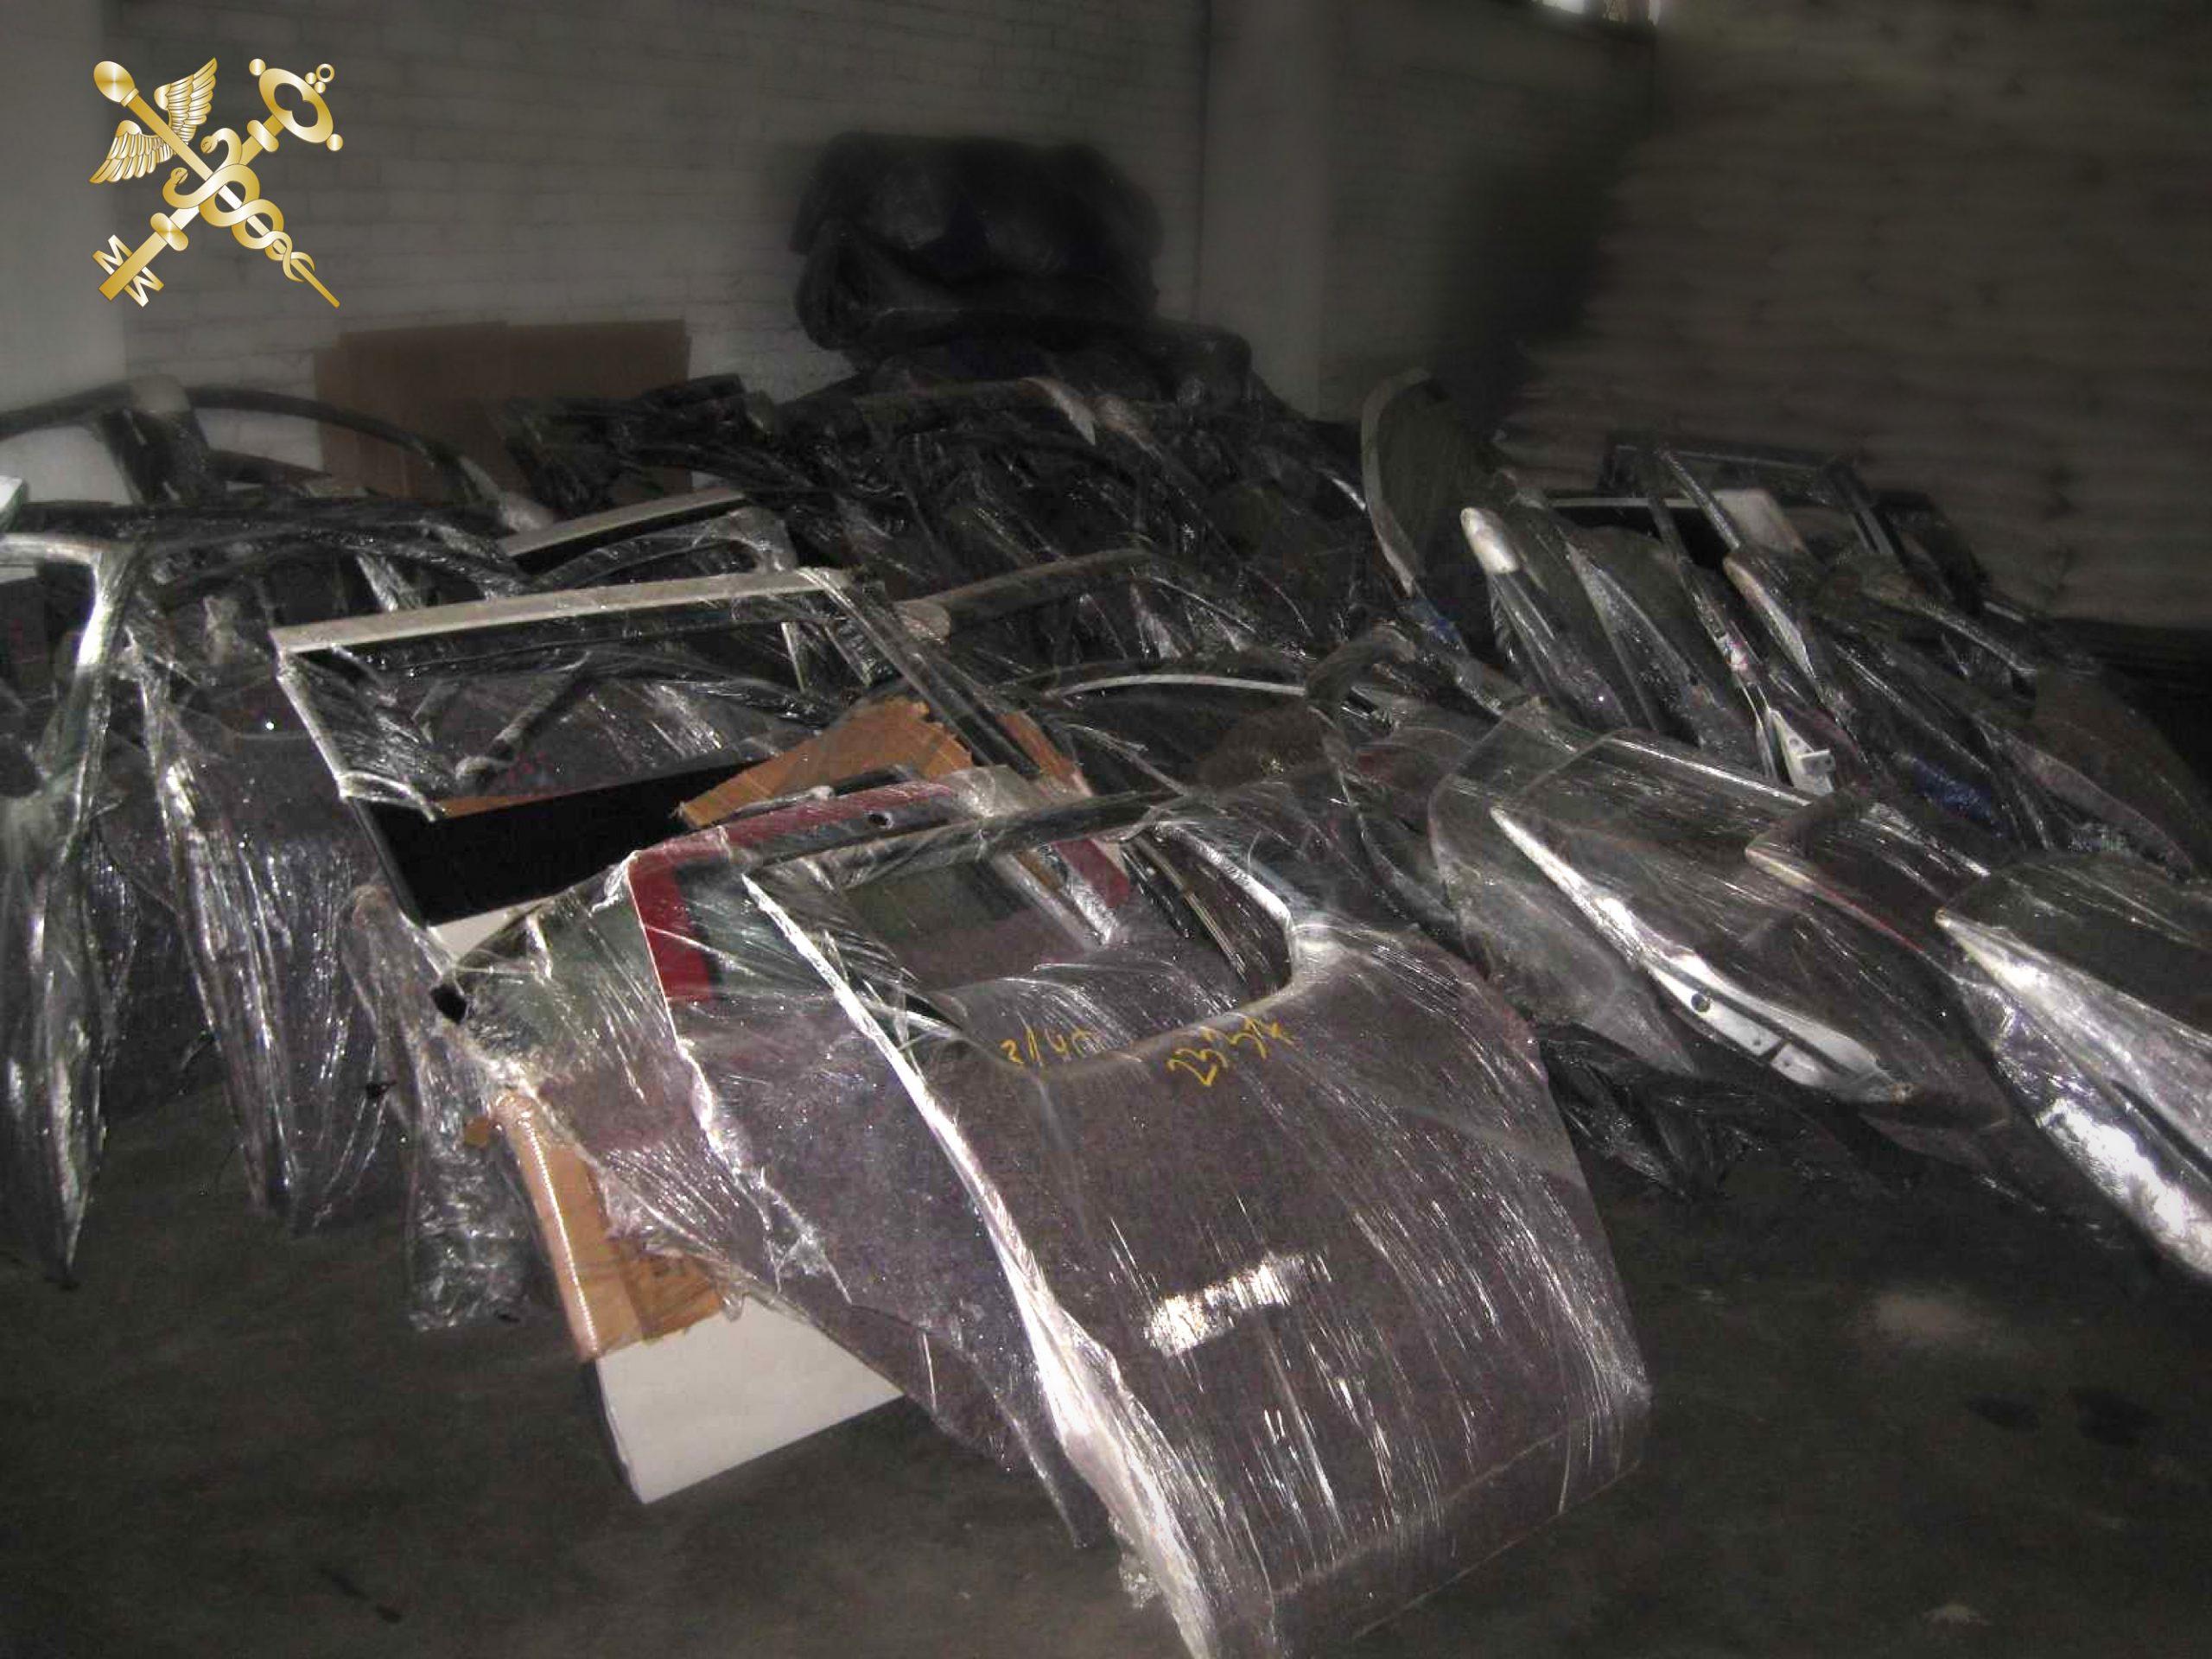 Витебская таможня задержала партию контрабандных автозапчастей стоимостью 120 тыс рублей